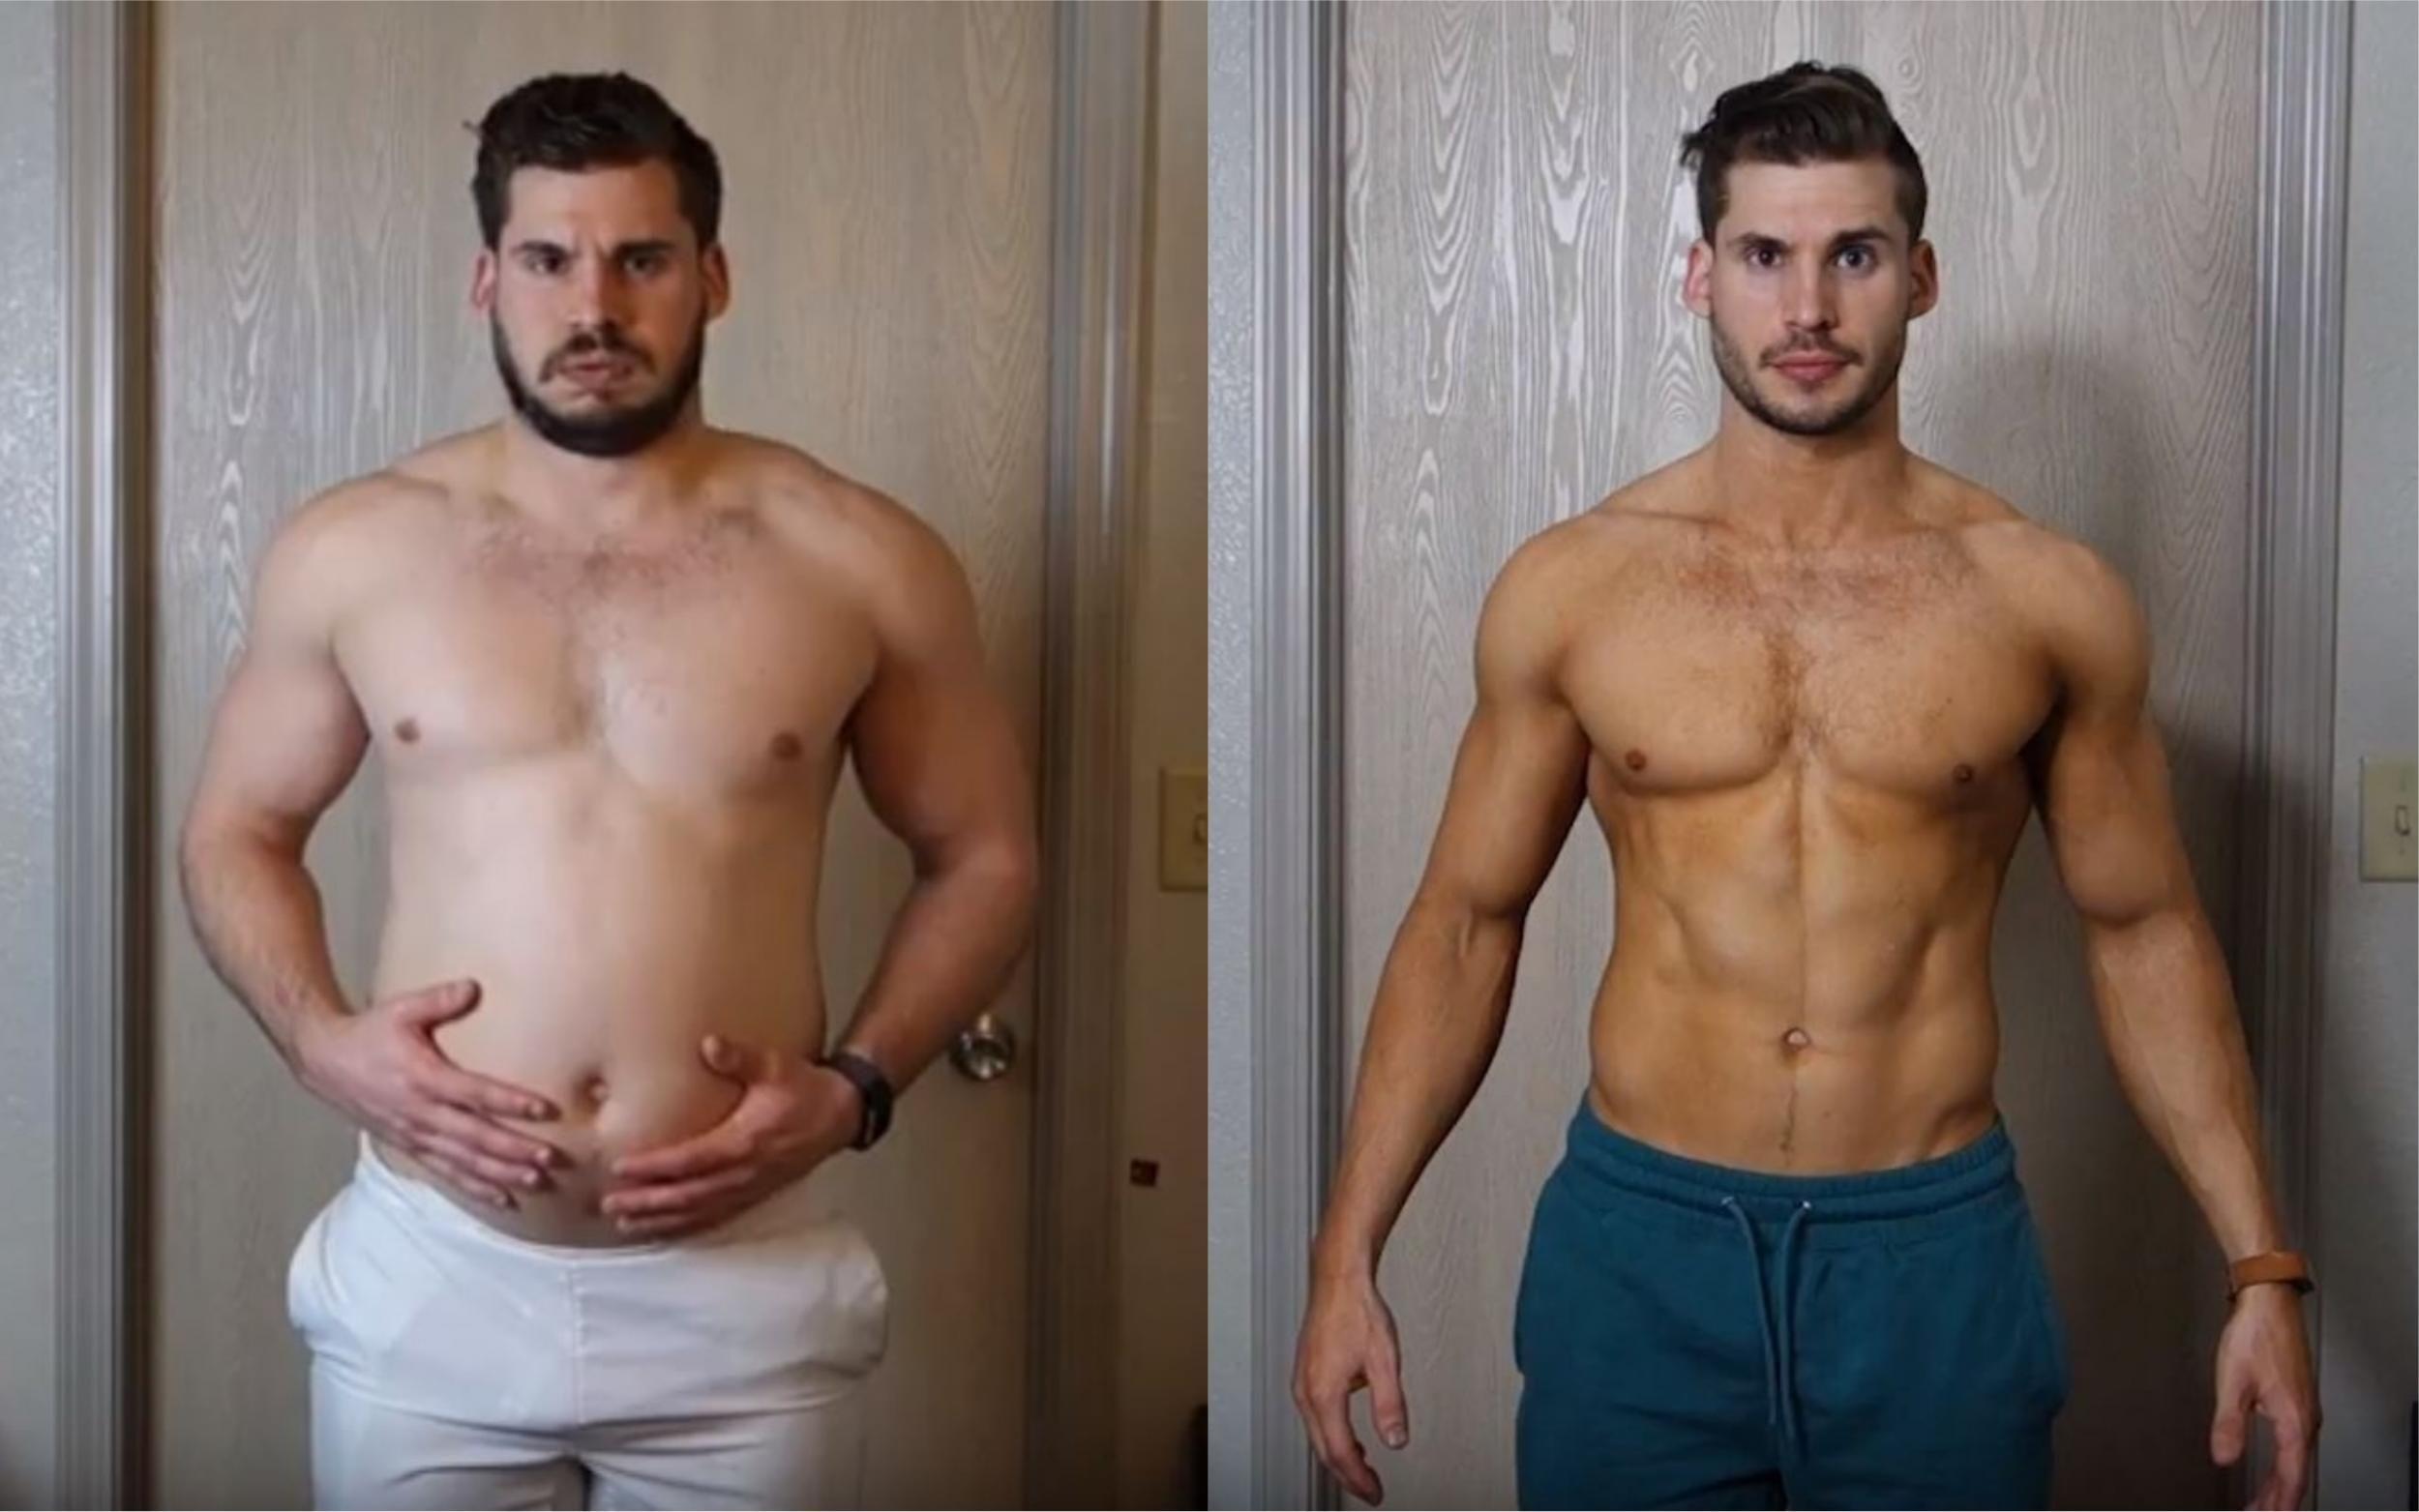 Парень Похудел За 10 Недель. Как похудеть на 10 килограмм за 10 недель